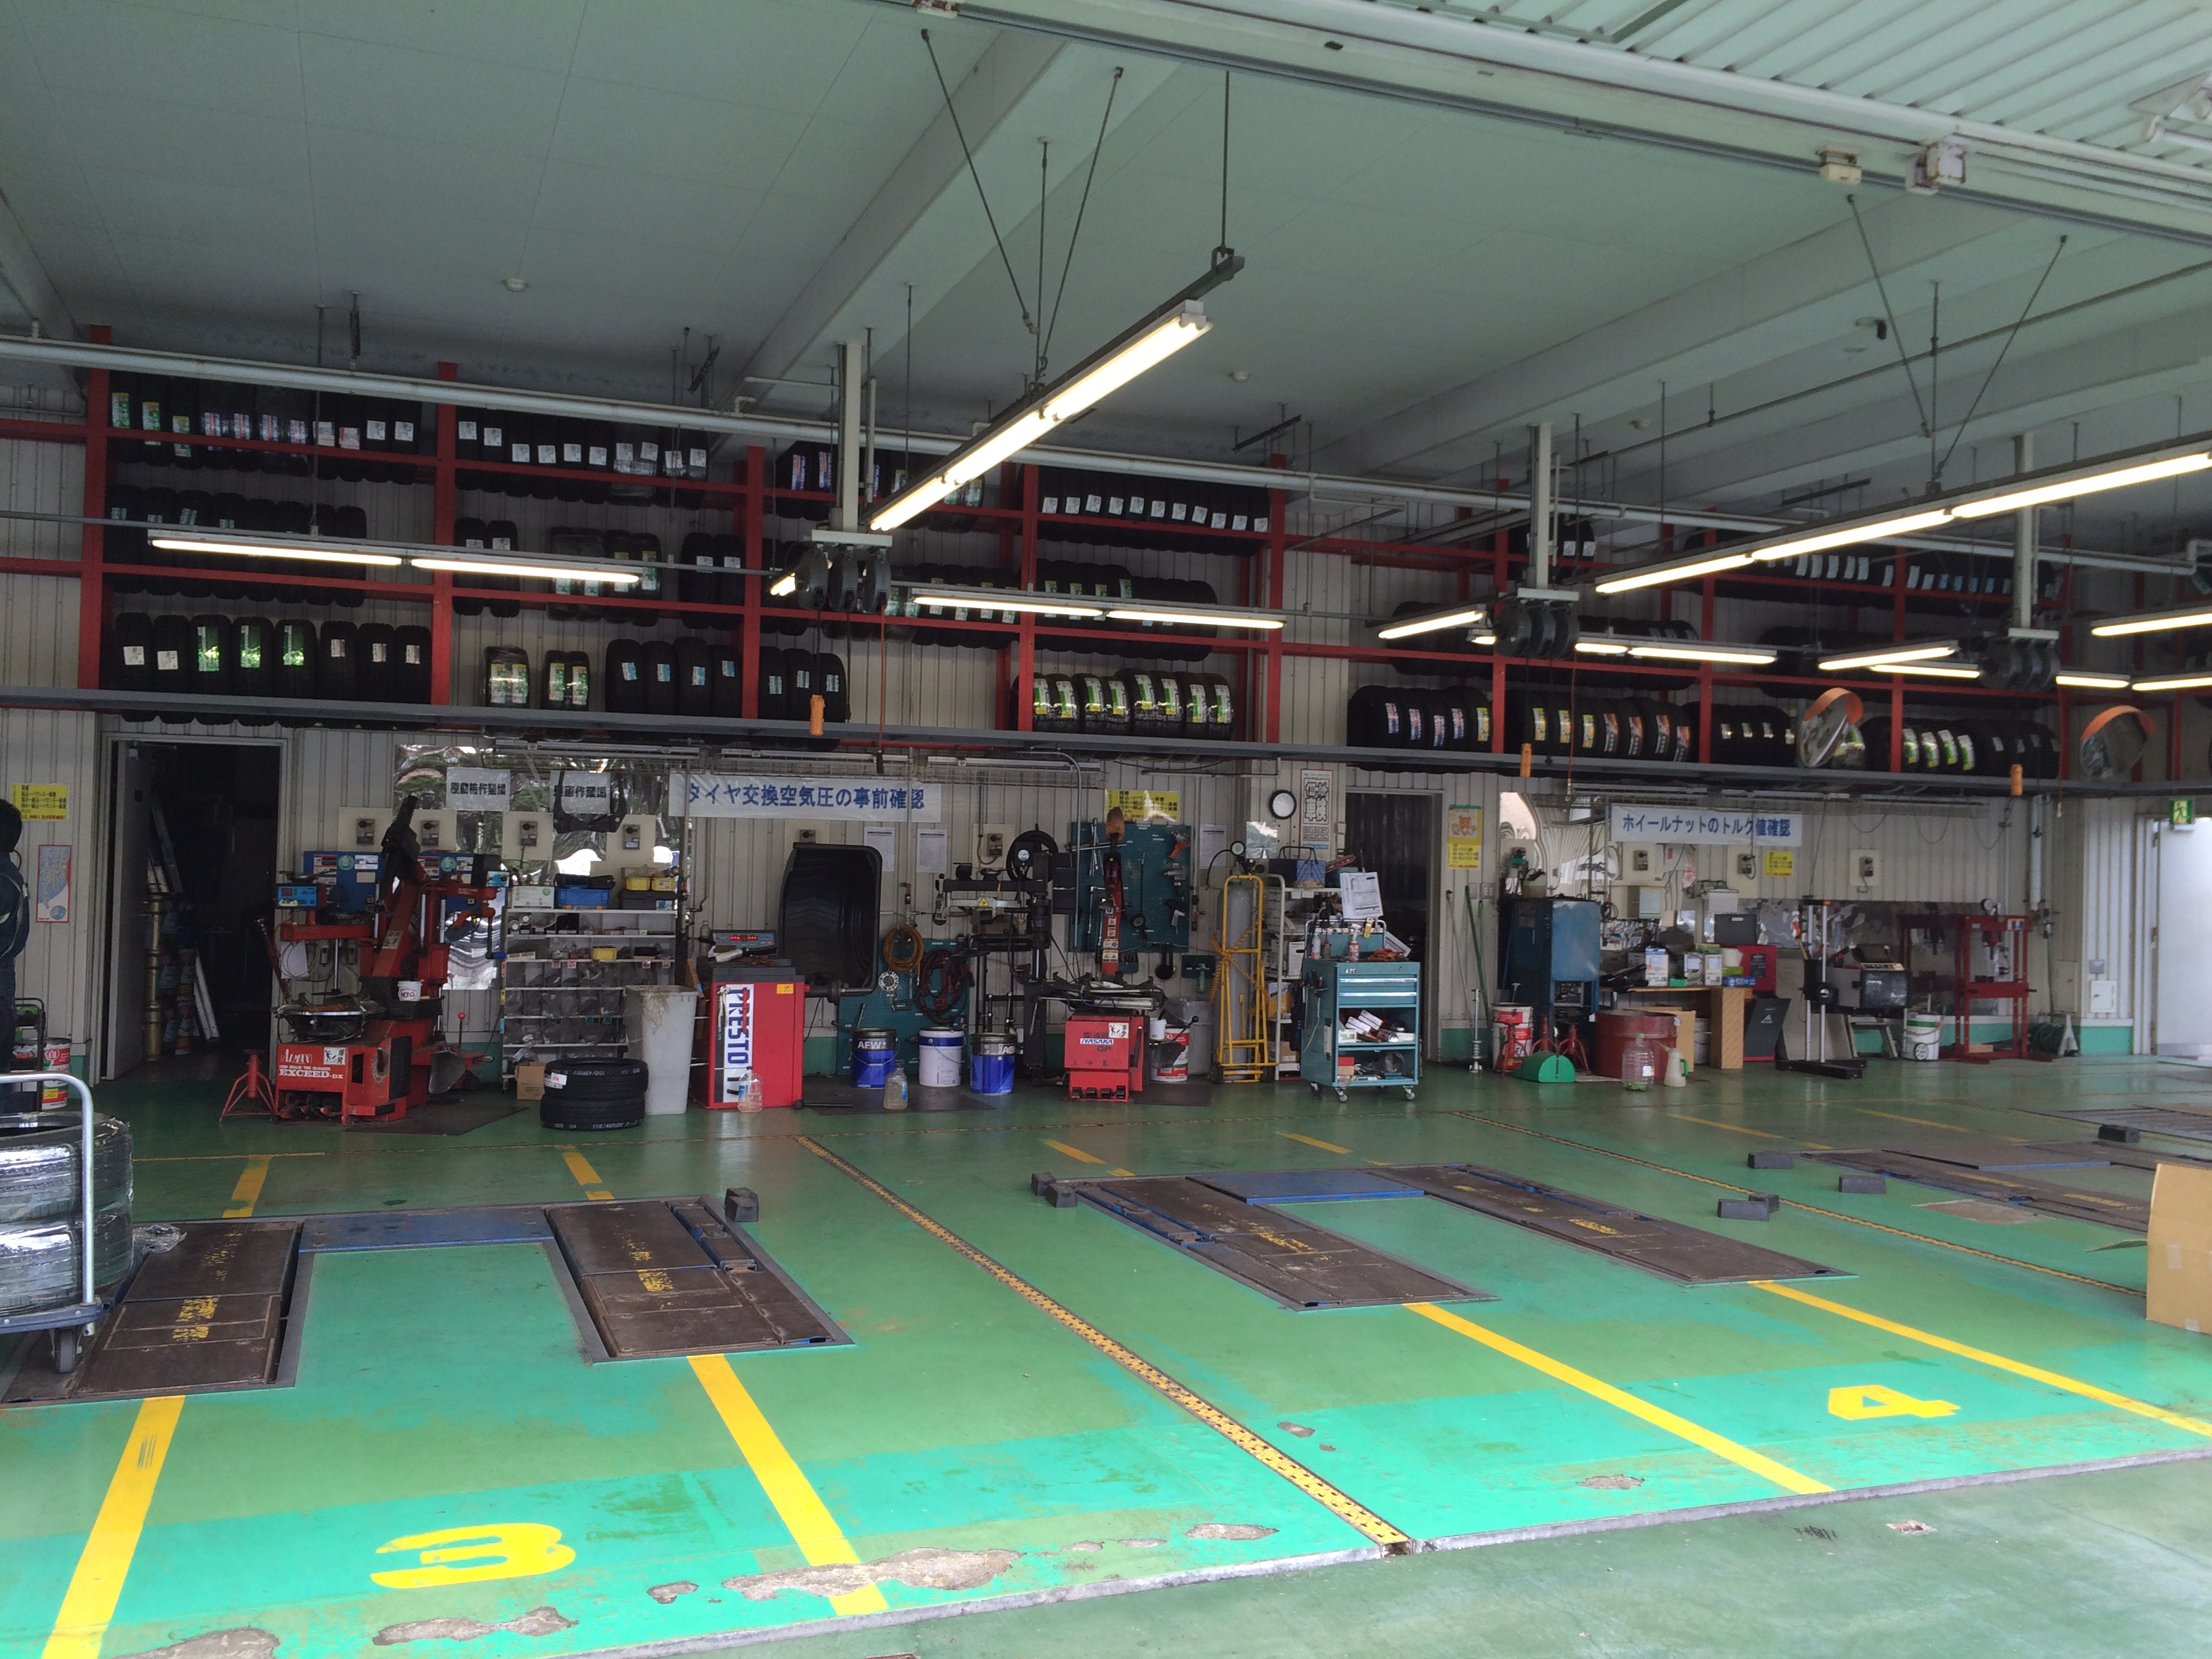 【愛知県半田市】業界トップクラス!多種多様な車種に携われる整備士!整備&接客が好きな方にオススメです!